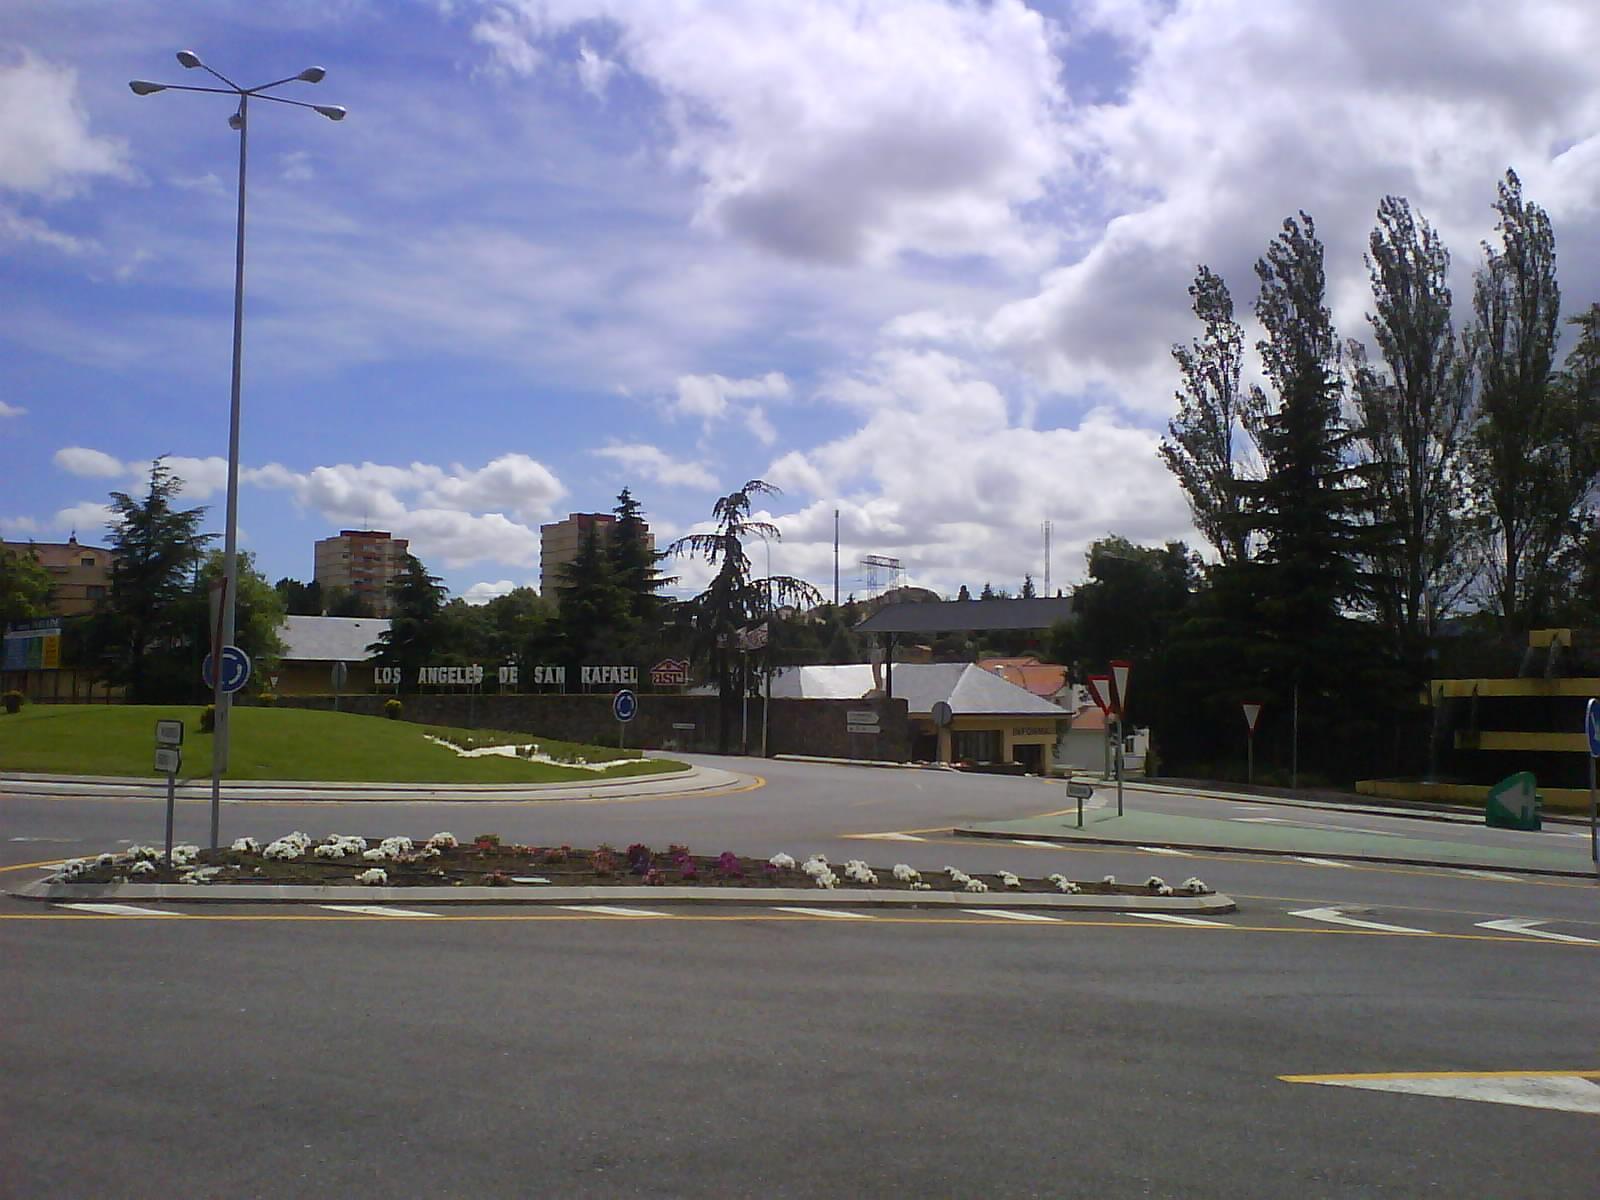 Descripción El Espinar Los Angeles de San Rafael.JPG